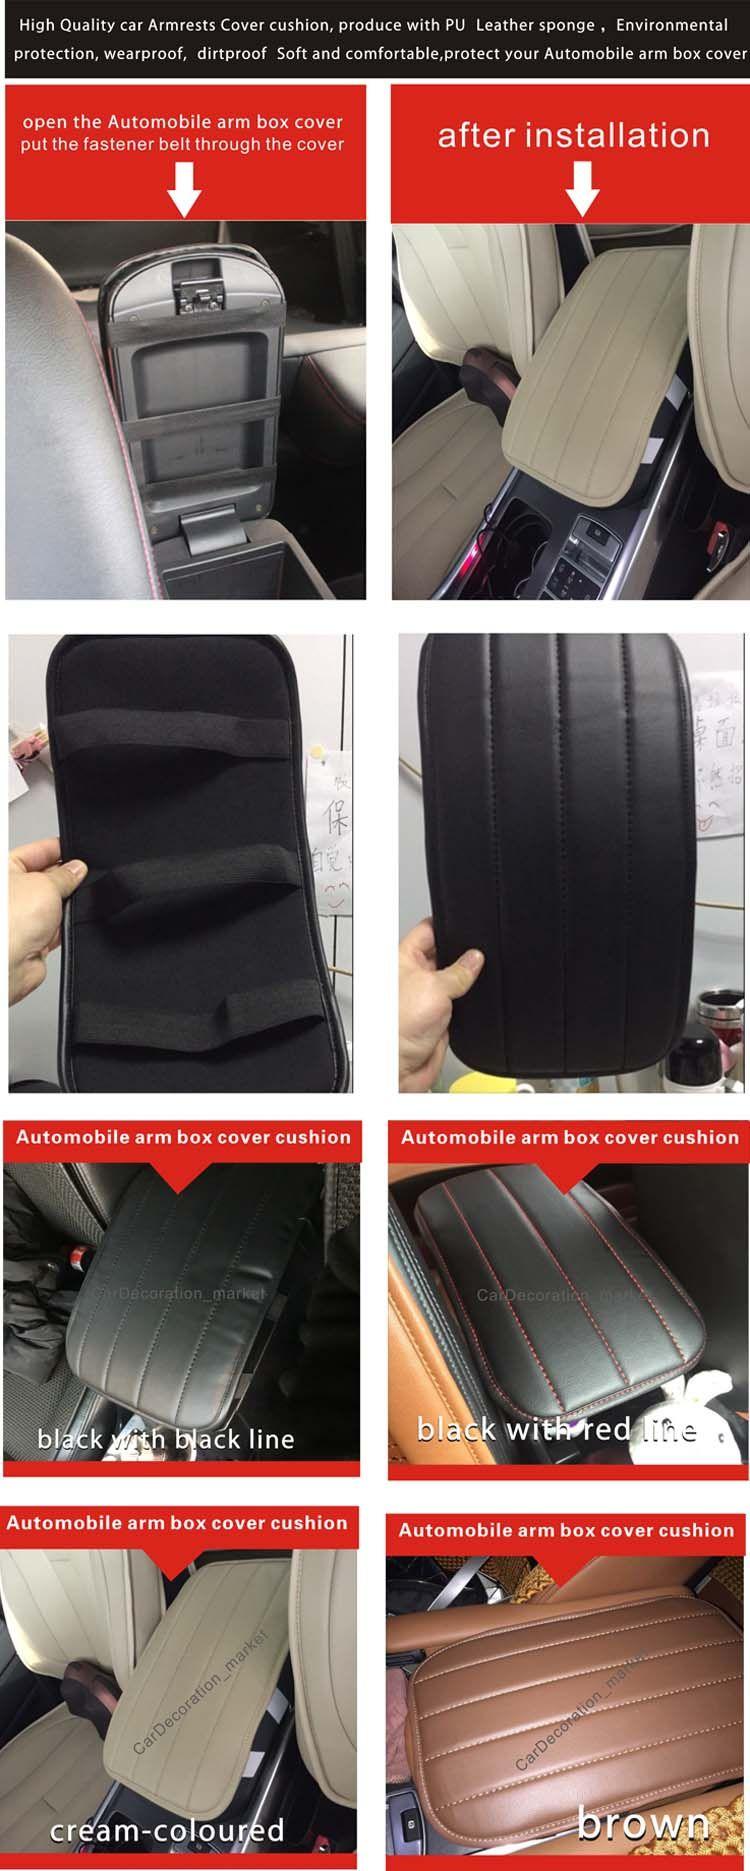 Mode-Interieur Zubehör Dekoration Prado 2.7L Armlehne Abdeckung Kissen, Prado 3.5L Fahrzeug-Mitte Console Box Abdeckung Pad unter den vorderen Autositzen